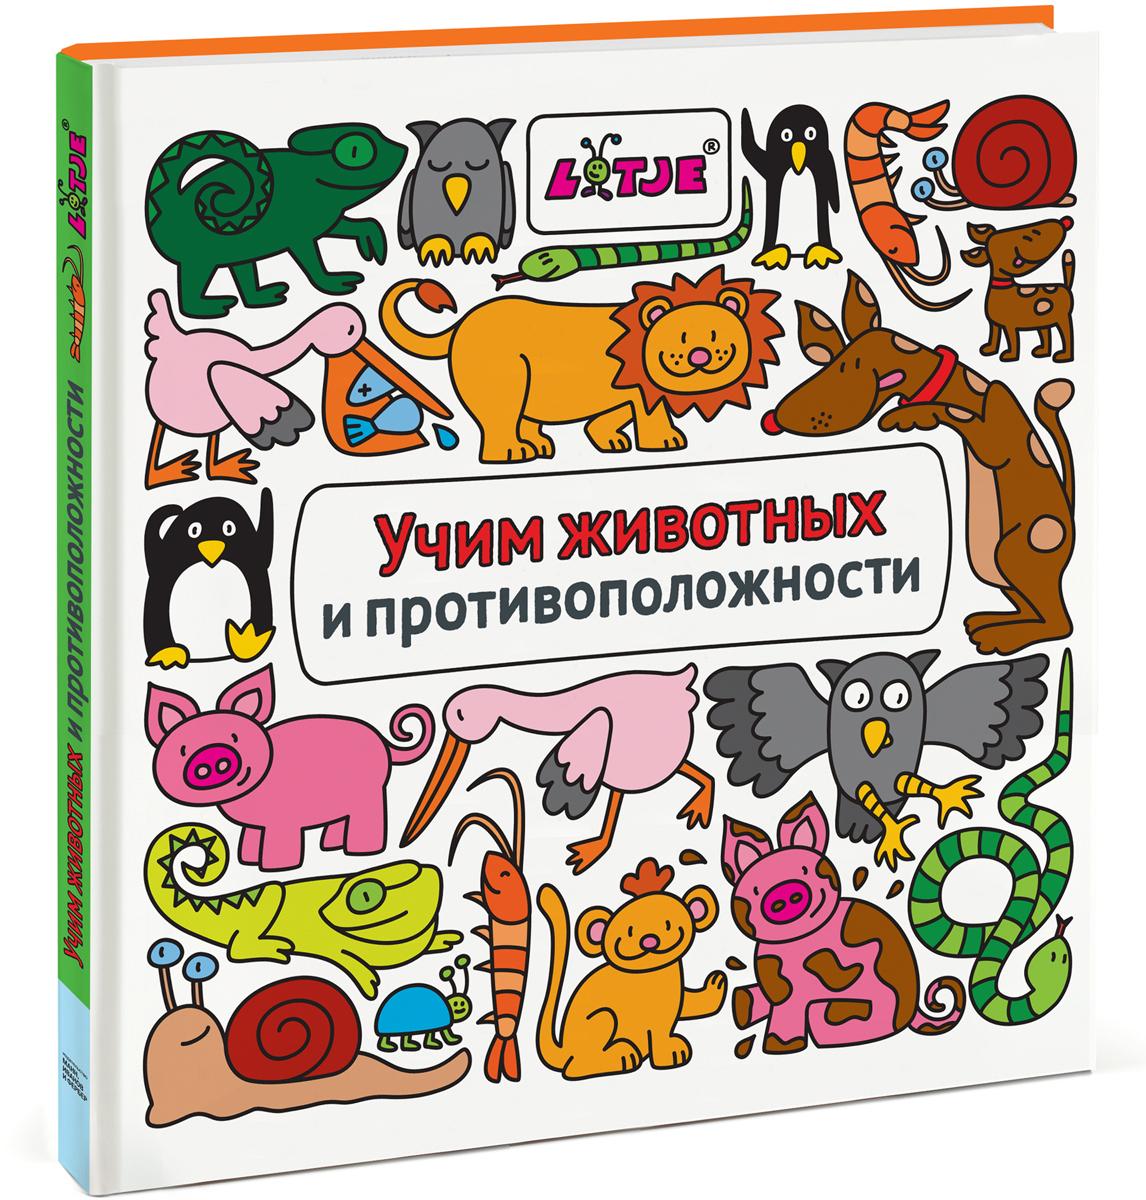 Учим животных и противоположности12296407О чем эта книга Эта яркая, красочная книга познакомит вашего ребенка с животными и поможет понять, что такое противоположности. На каждом развороте вас ждут: тематическая иллюстрация, на которой изображены самые разные животные — домашние, лесные, морские, из джунглей, пустыни, с фермы и т.д. примеры противоположных по значению слов задания для развития речи, внимания и памяти Как заниматься по этой книге? Сначала рассмотрите внимательно иллюстрацию. Затем попросите ребенка найти на ней разных животных и назвать тех, на которых вы показываете. Рассмотрите картинки к словам, противоположным по значению, и найдите их на общих коллажах. И не забудьте, что на каждом развороте среди мелких деталей спрятались букашки — их тоже нужно найти! Фишки книги Яркие, веселые иллюстрации. Развивающие задания в игровой форме. Плотная бумага, которая не помнется и не порвется, пока малыш будет листать книгу....